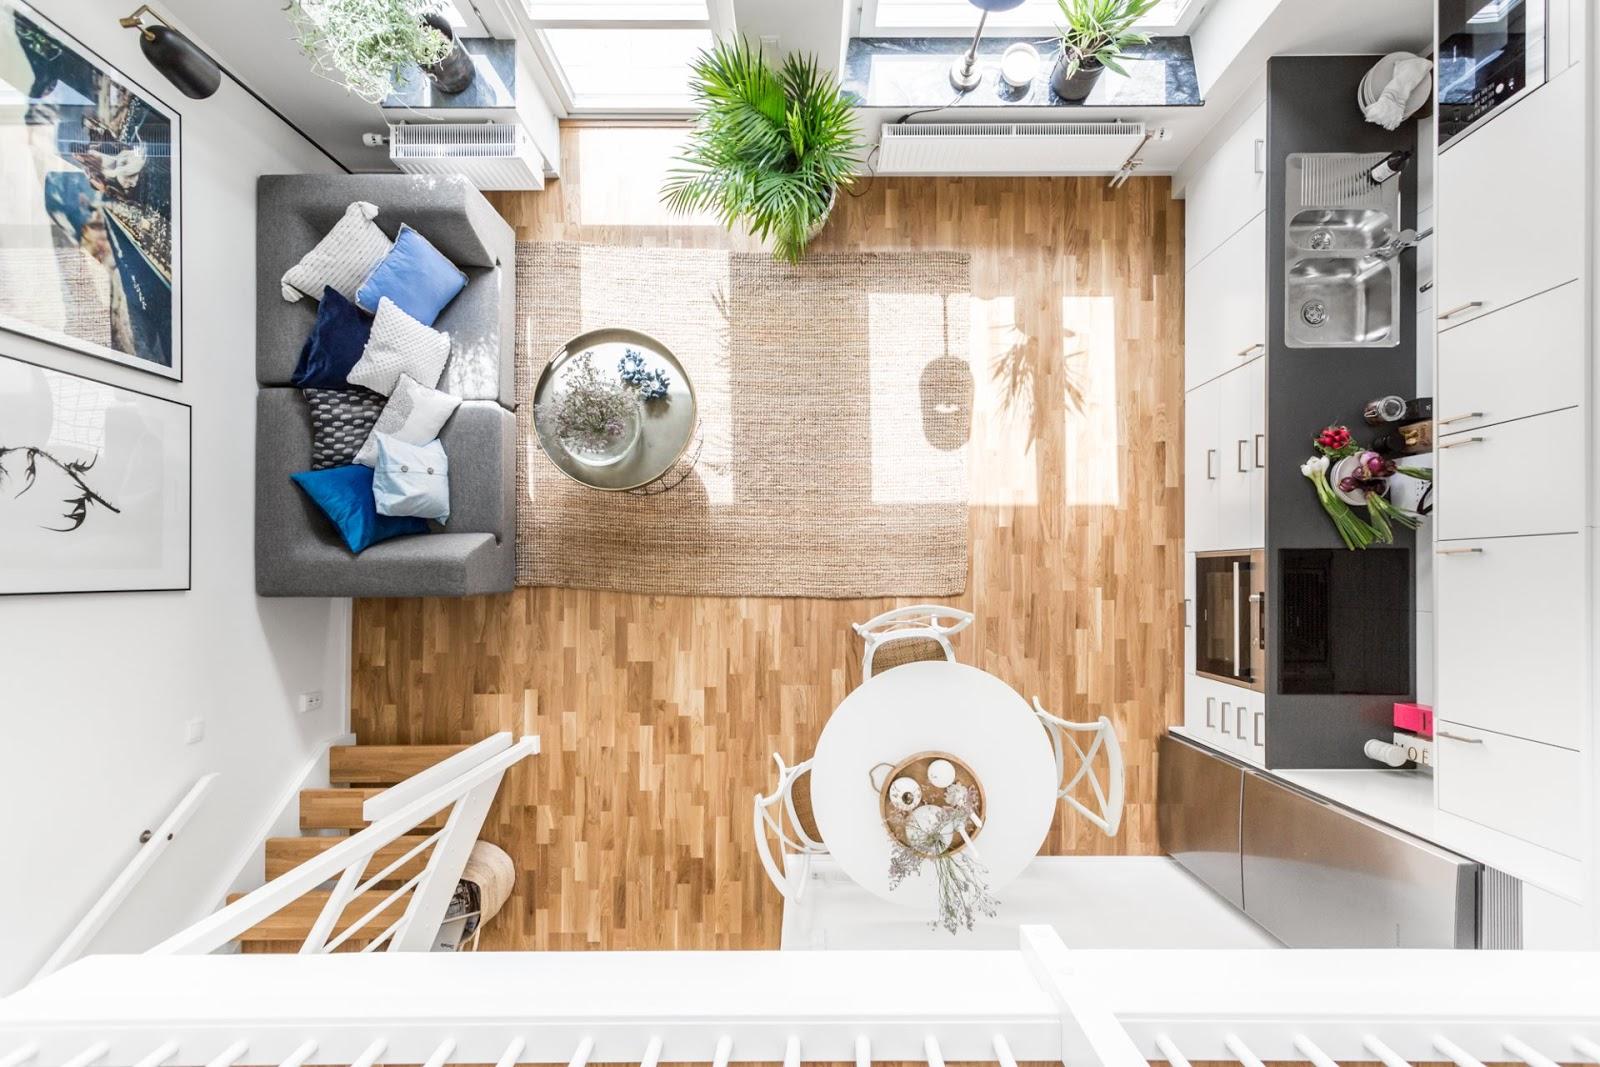 Proiect de amenajare în stil scandinav pentru un apartament de 49 m² cu dormitor la mezanin